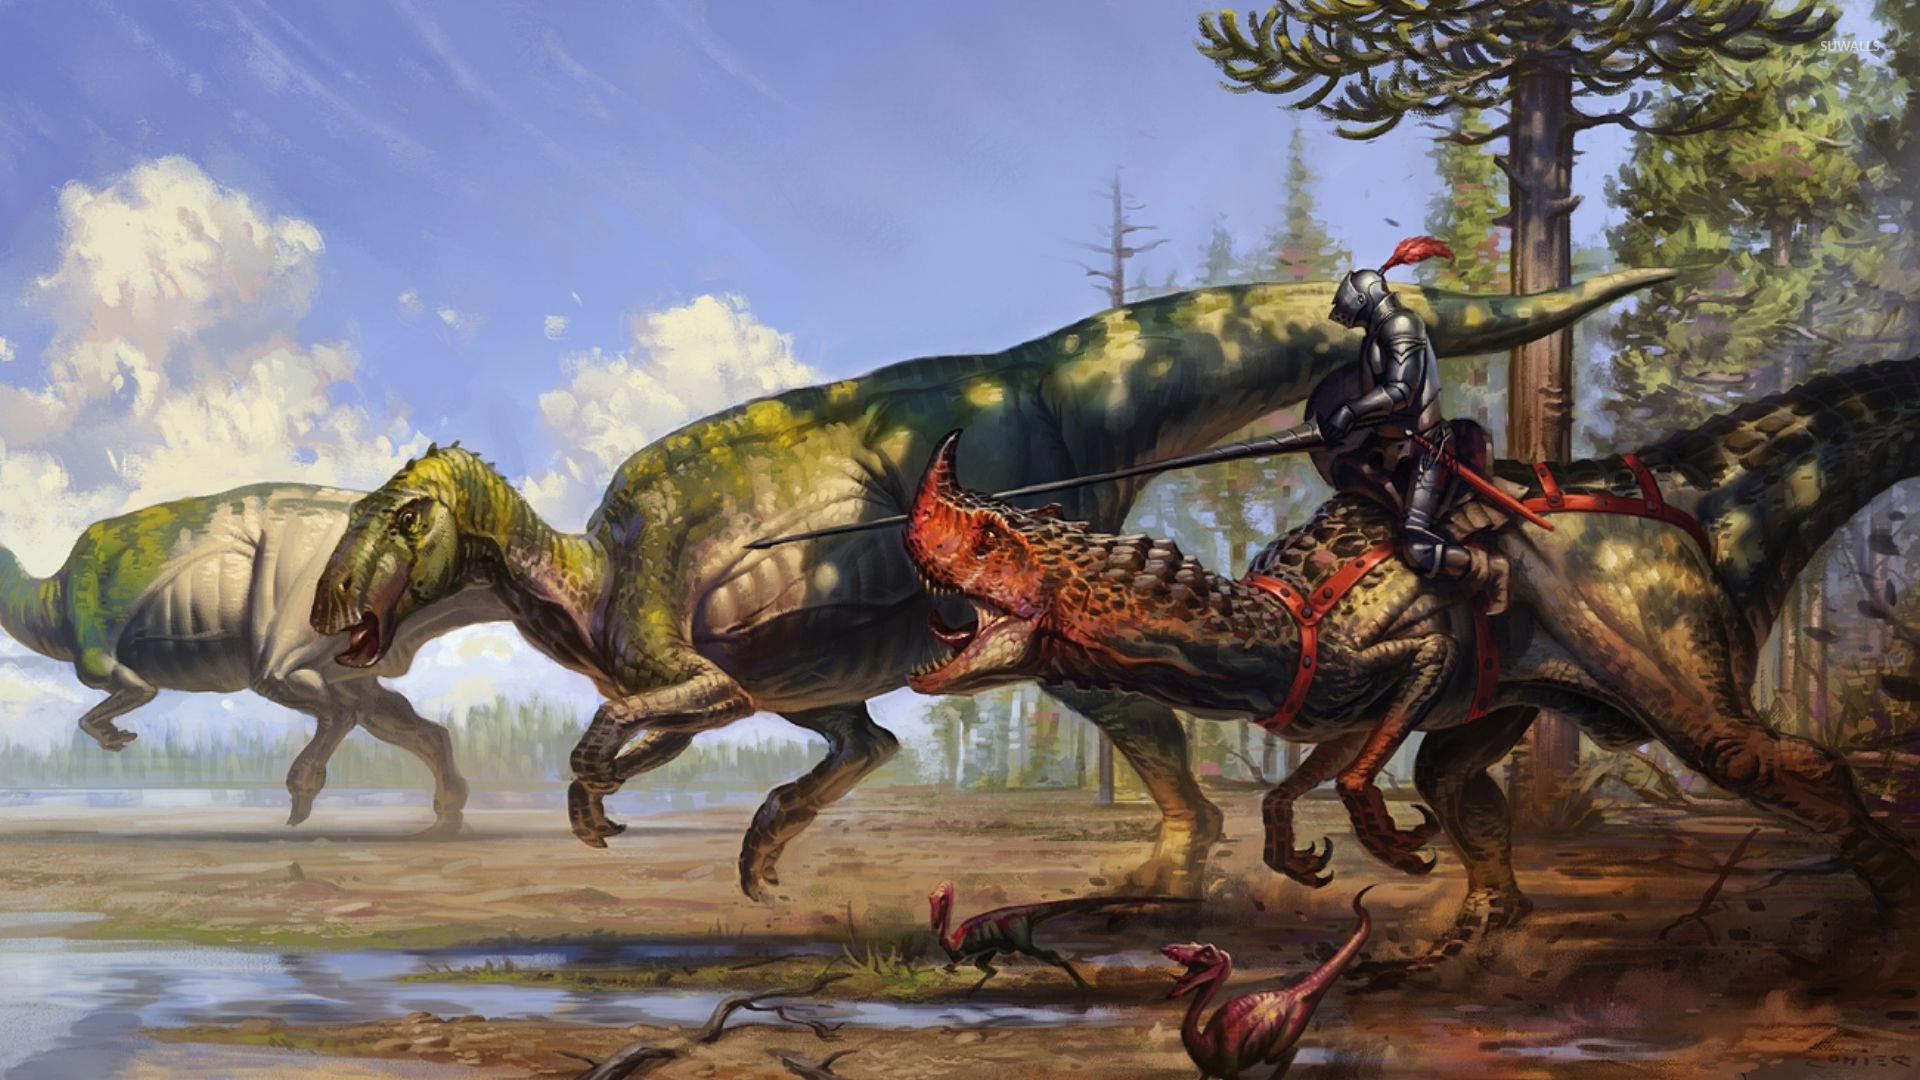 Warrior on a dinosaur wallpaper - Fantasy wallpapers - #34871